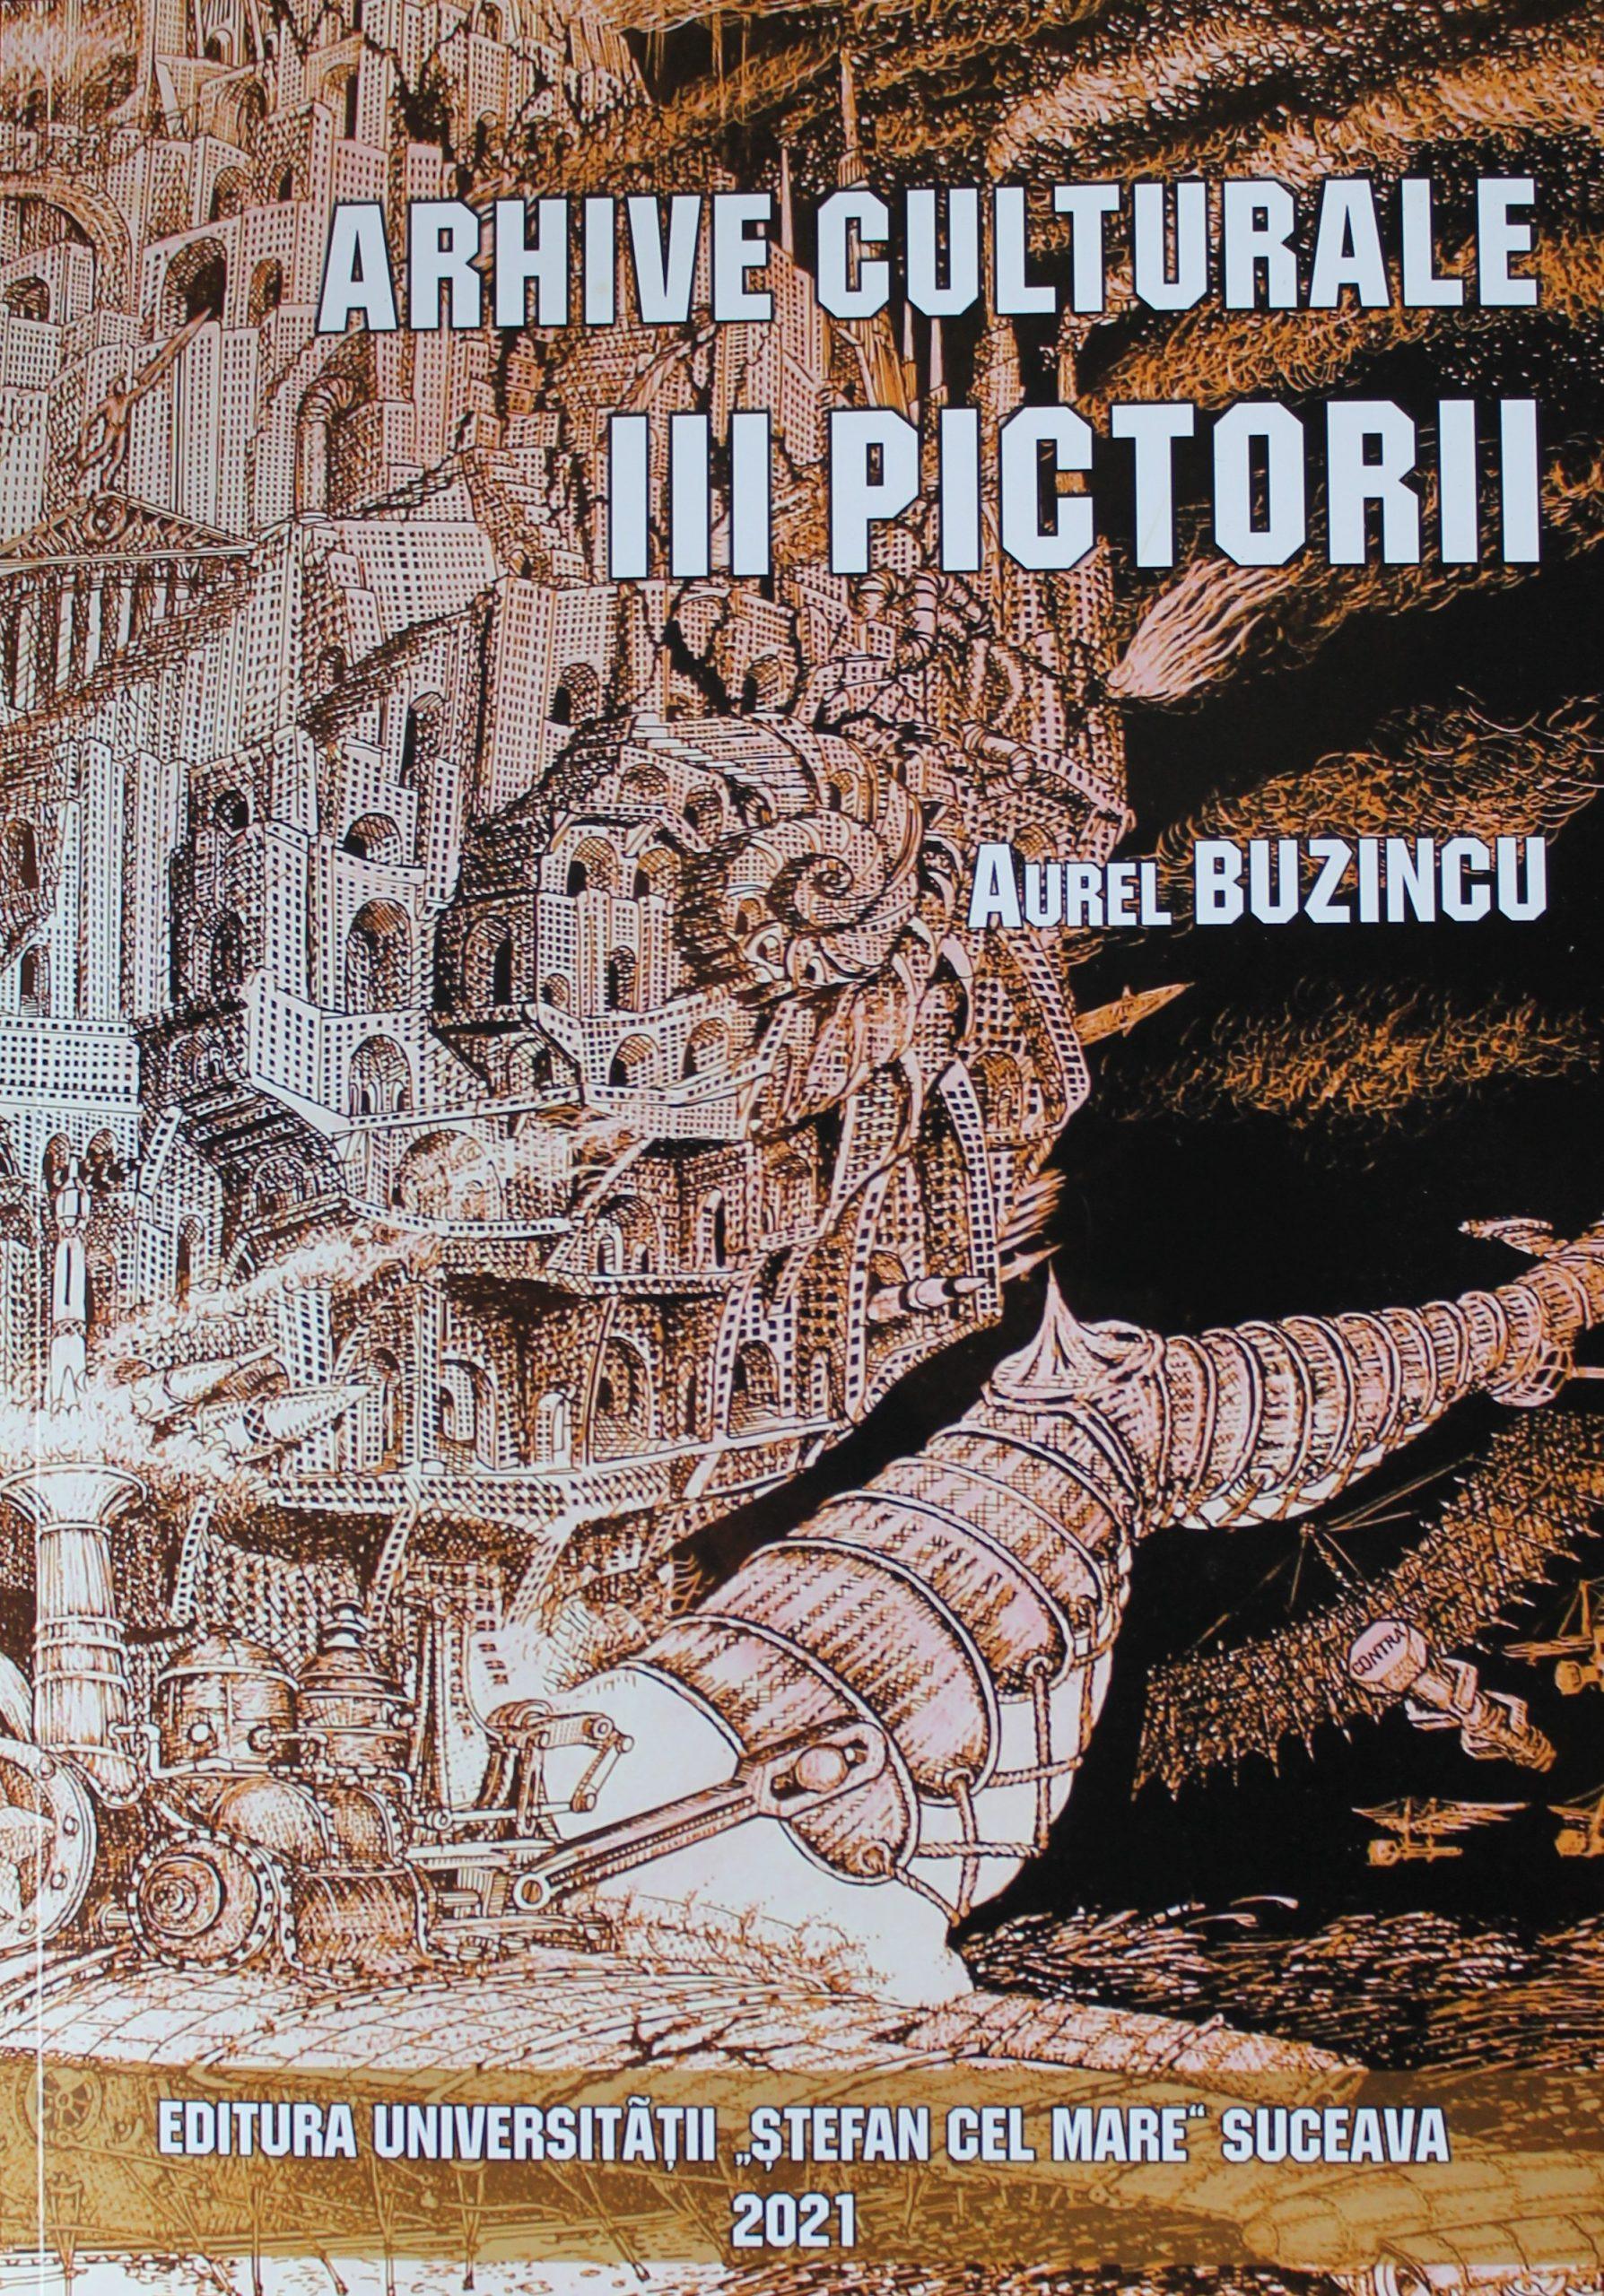 III Arhive culturale. Pictorii - Aurel Buzincu